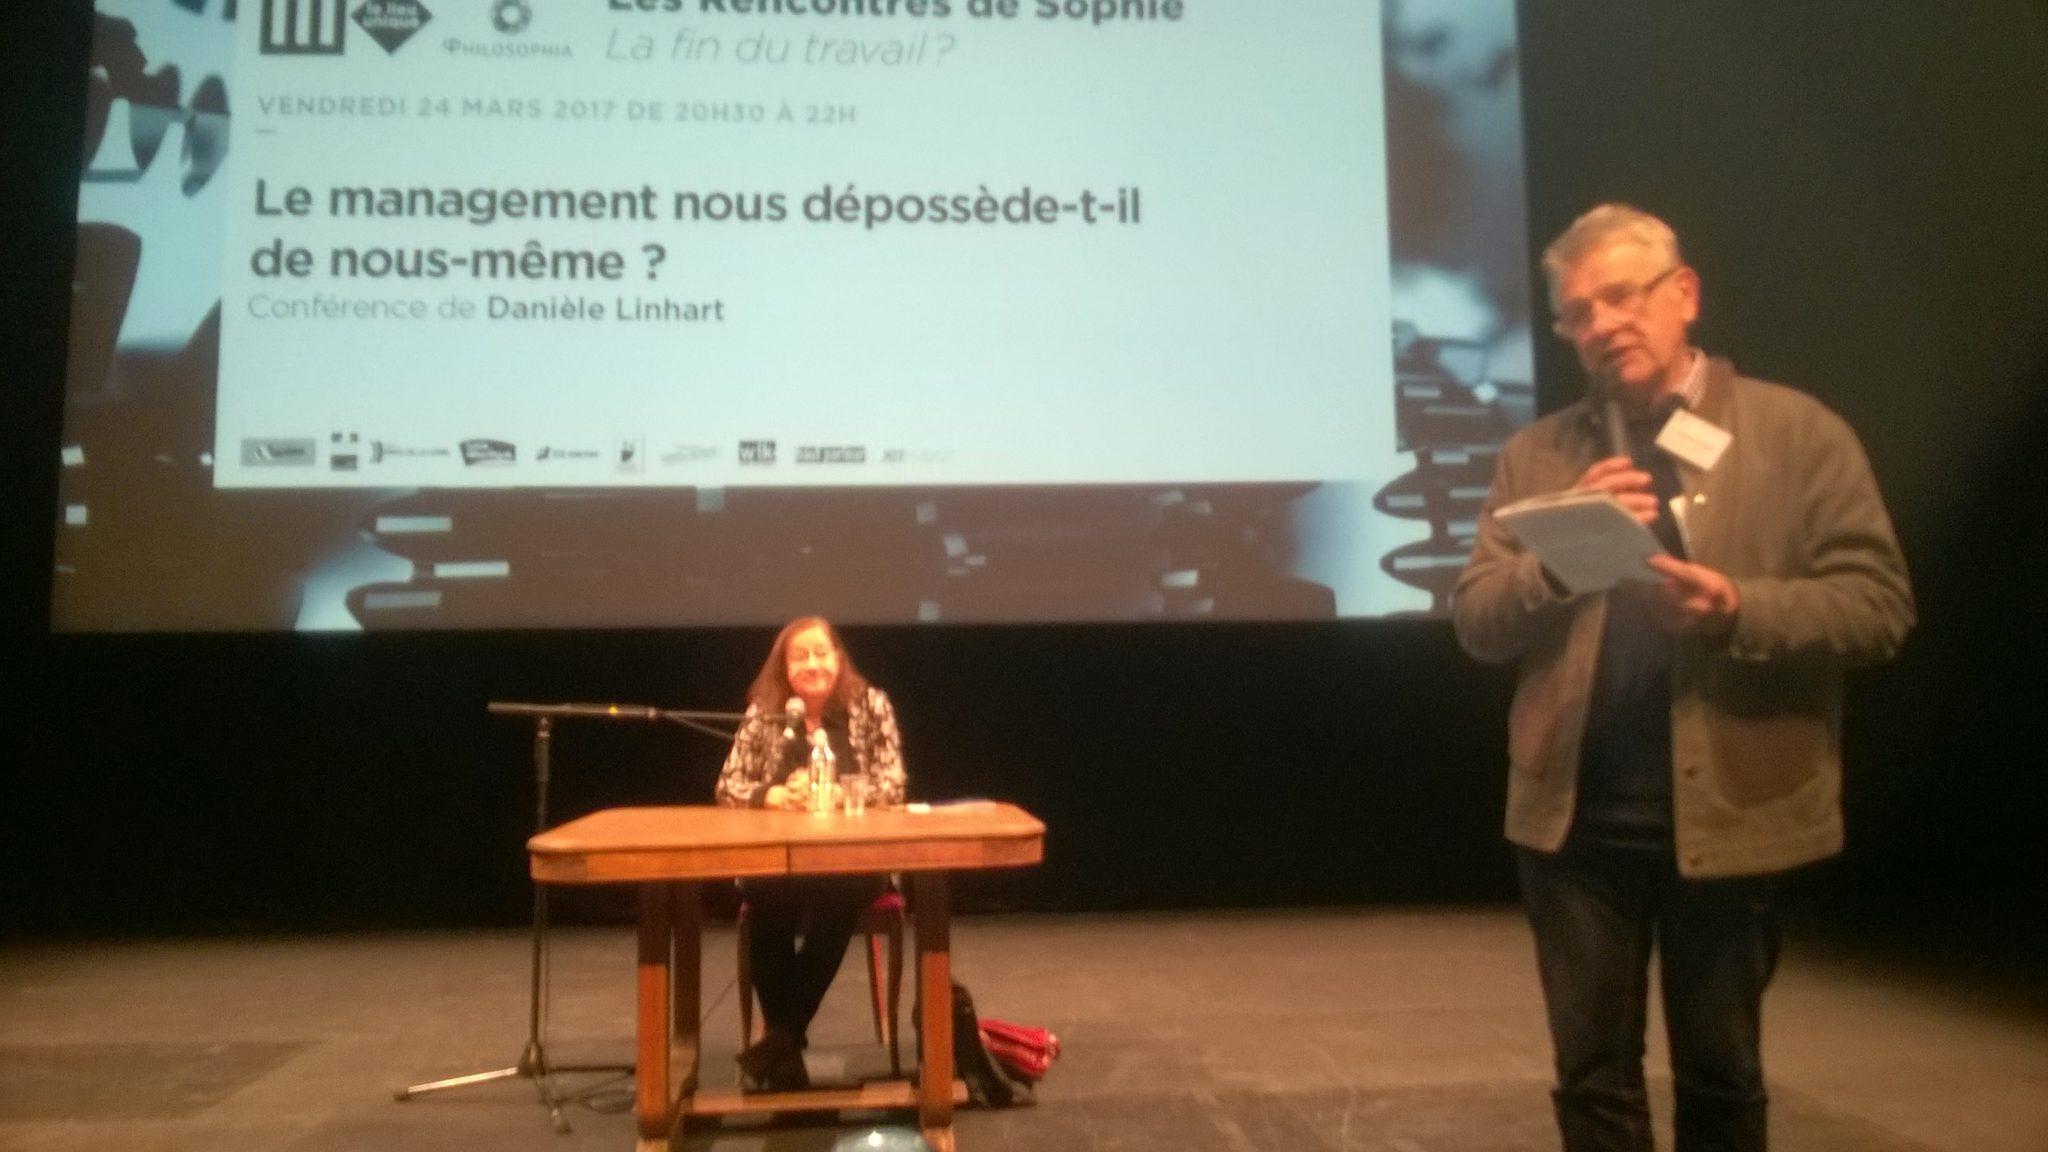 Rencontres de sophie 24 mars 2017 Lieu Uniuqe de Nantes  http://philosophia.fr/activites-rencontres/rds-les-rencontres-de-sophie/la-fin-du-travail-2017/